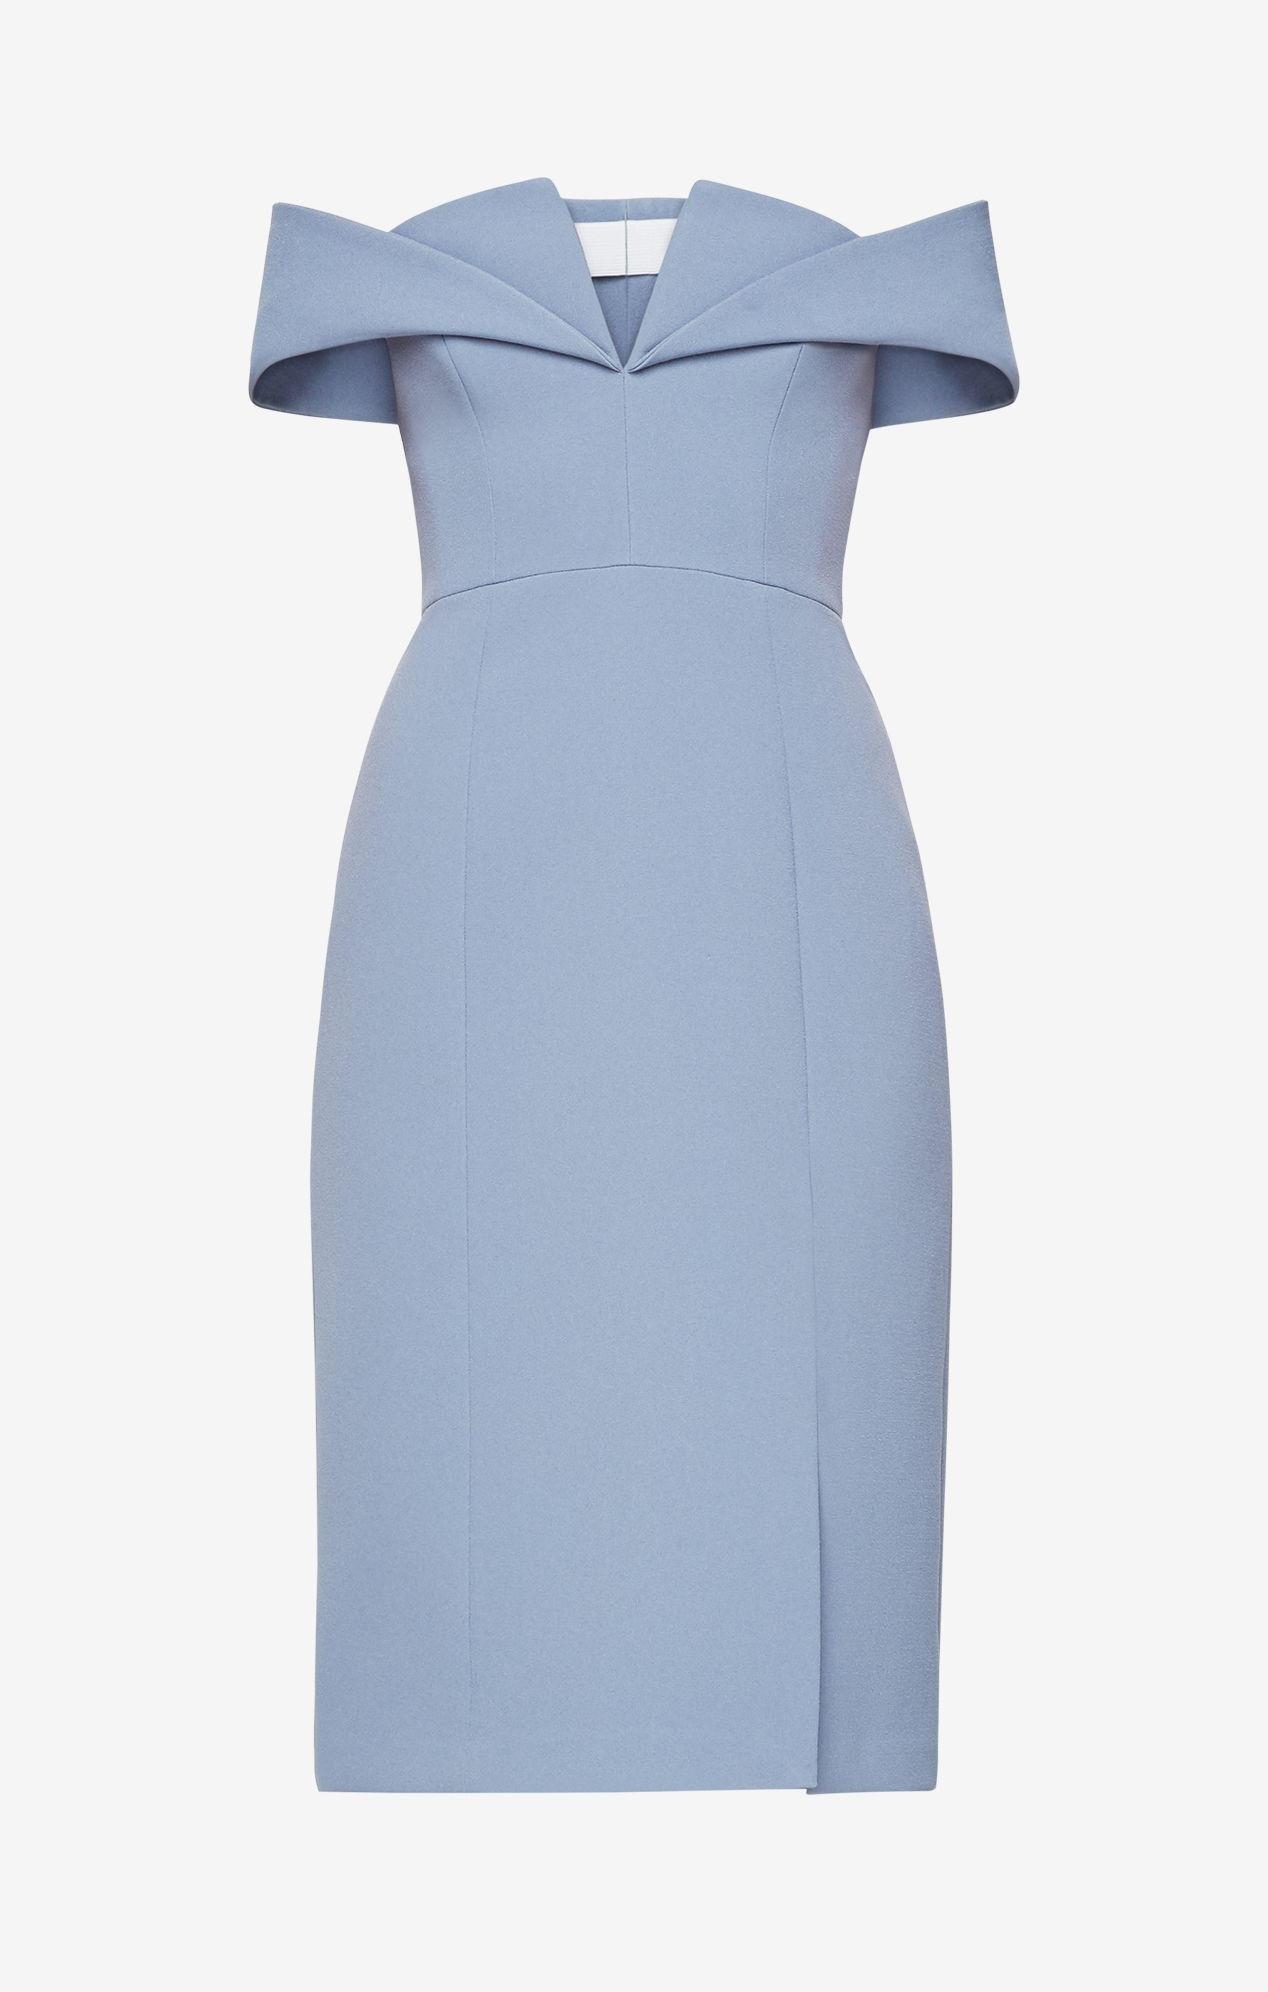 15 Schön Schöne Kleider Für Hochzeitsgäste SpezialgebietAbend Leicht Schöne Kleider Für Hochzeitsgäste Ärmel